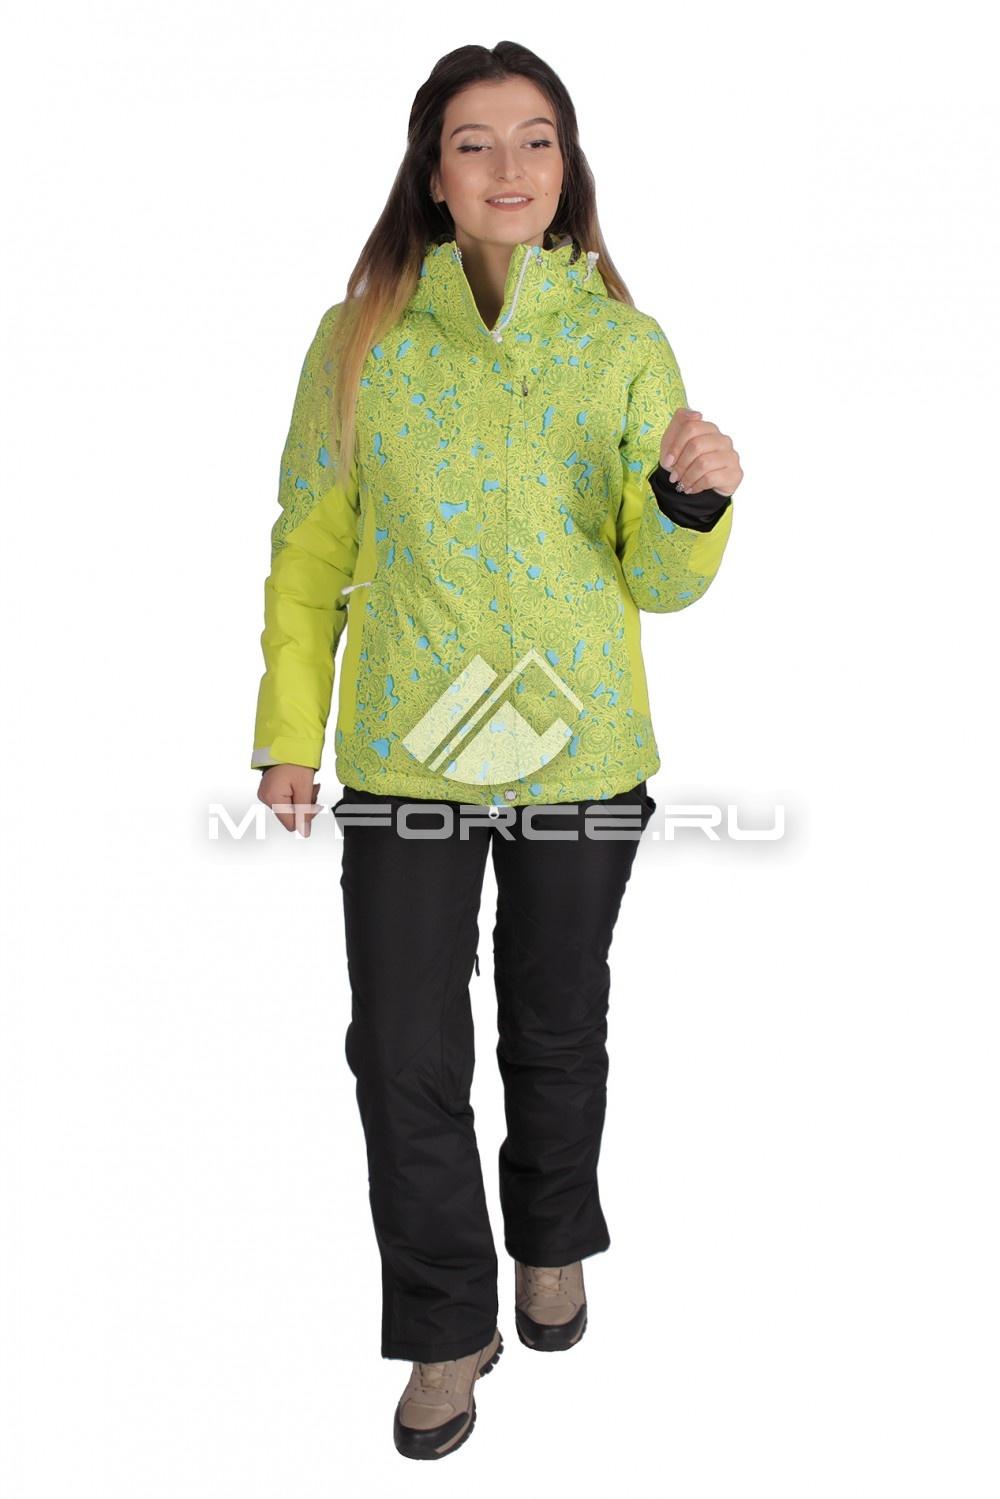 Купить                                  оптом Костюм горнолыжный женский желтого цвета 01525J